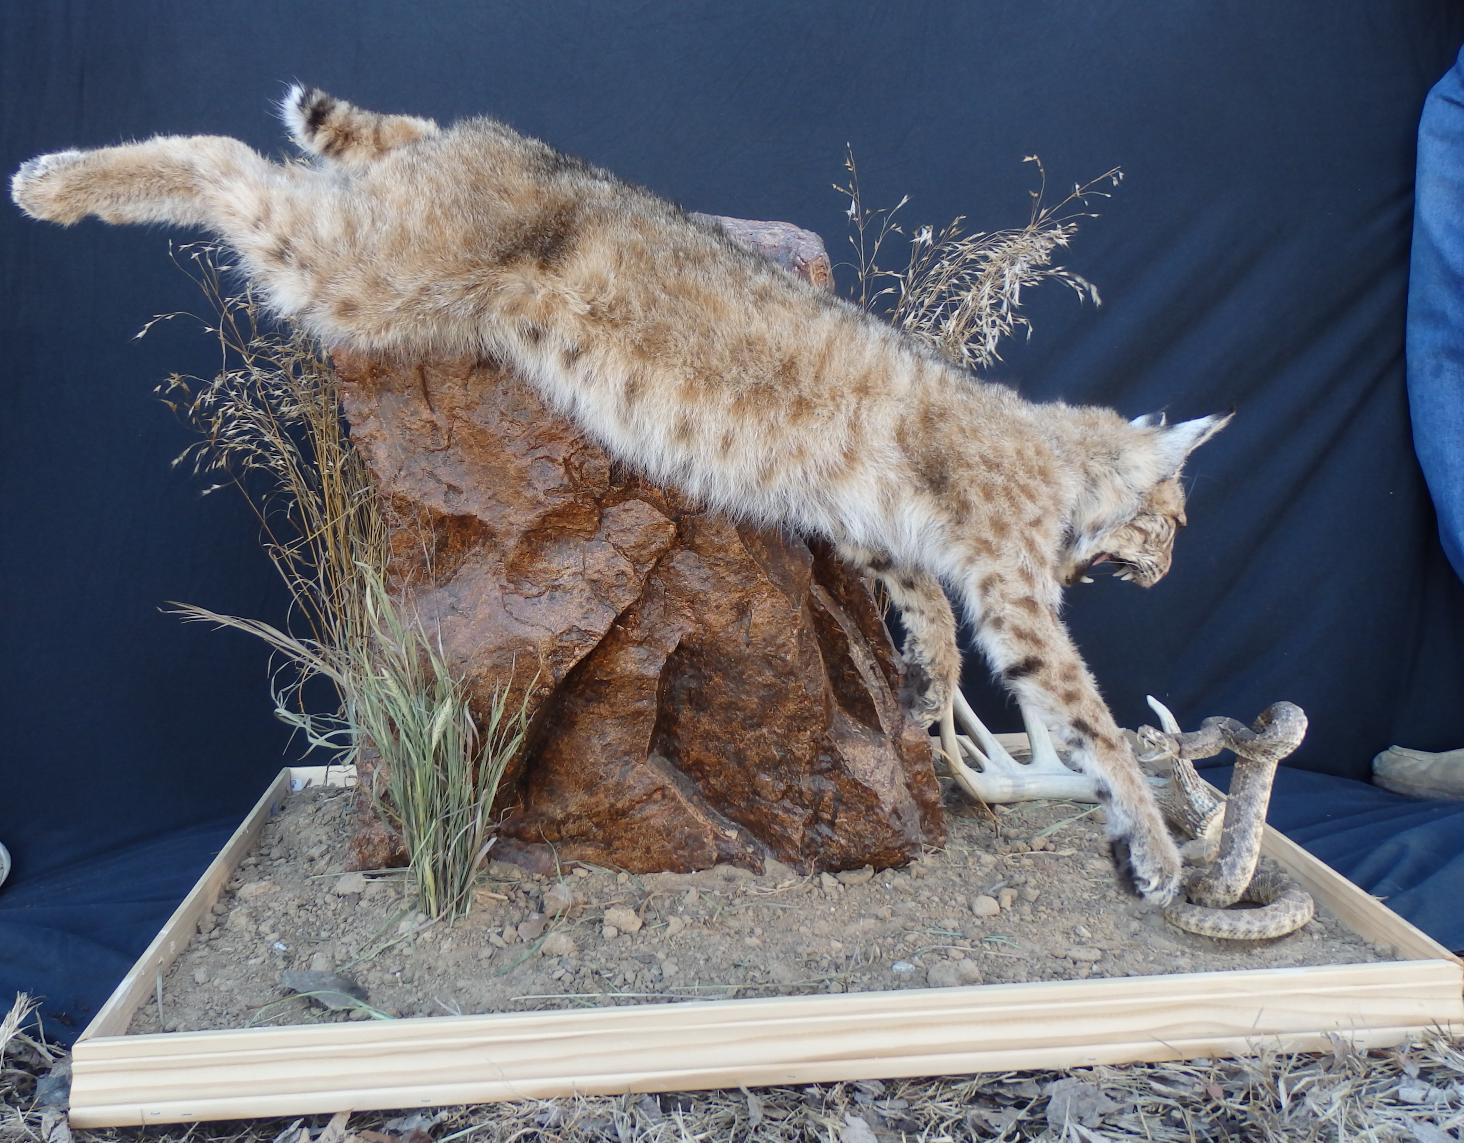 Bobcat/snake